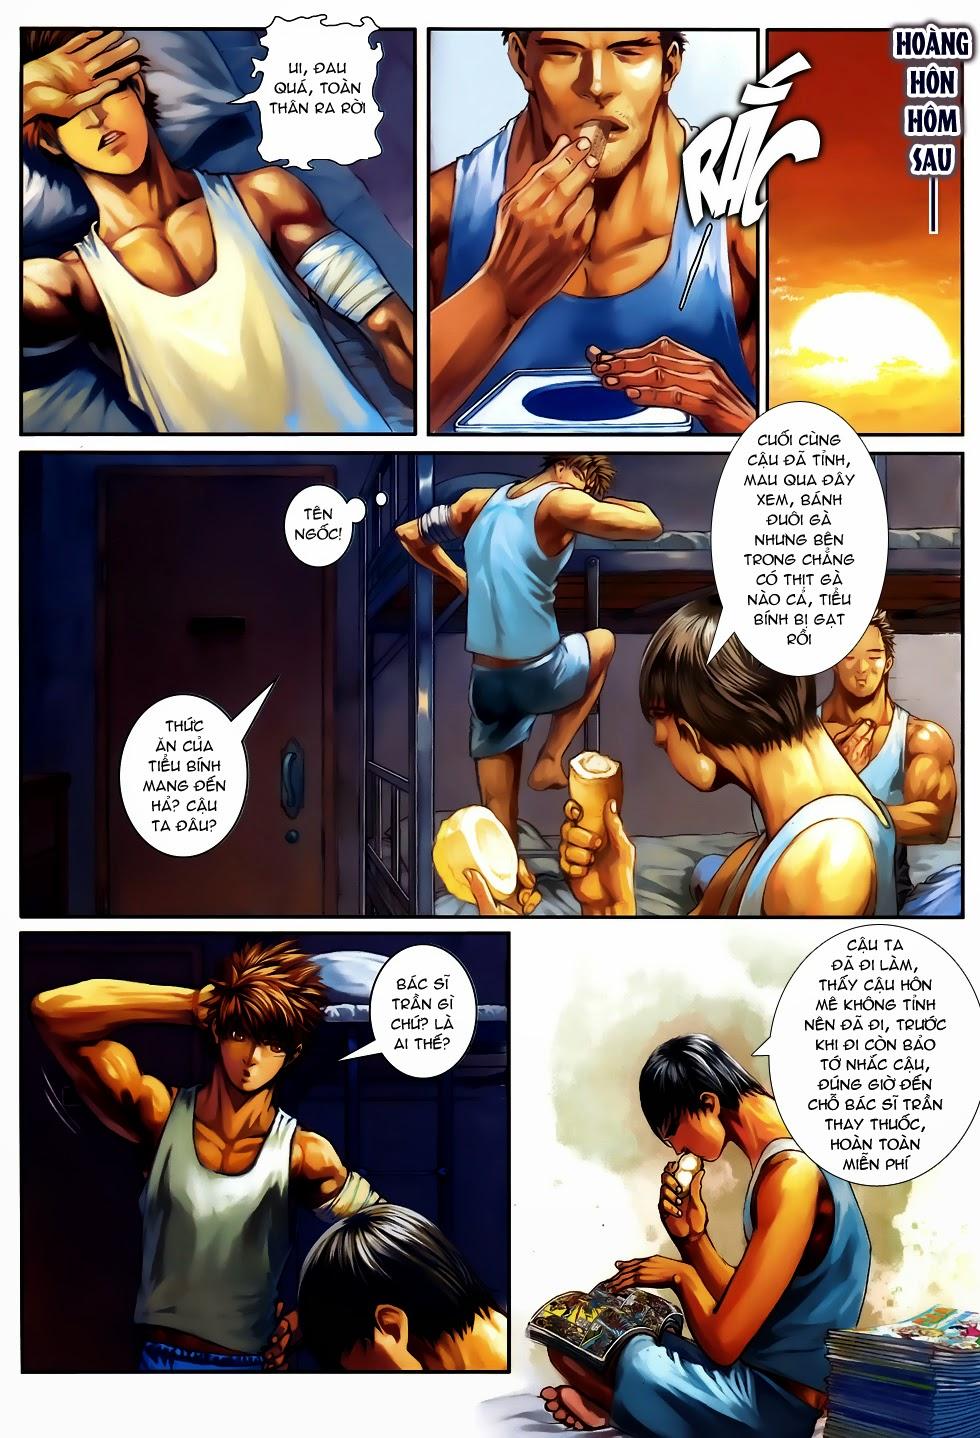 Quyền Đạo chapter 10 trang 18